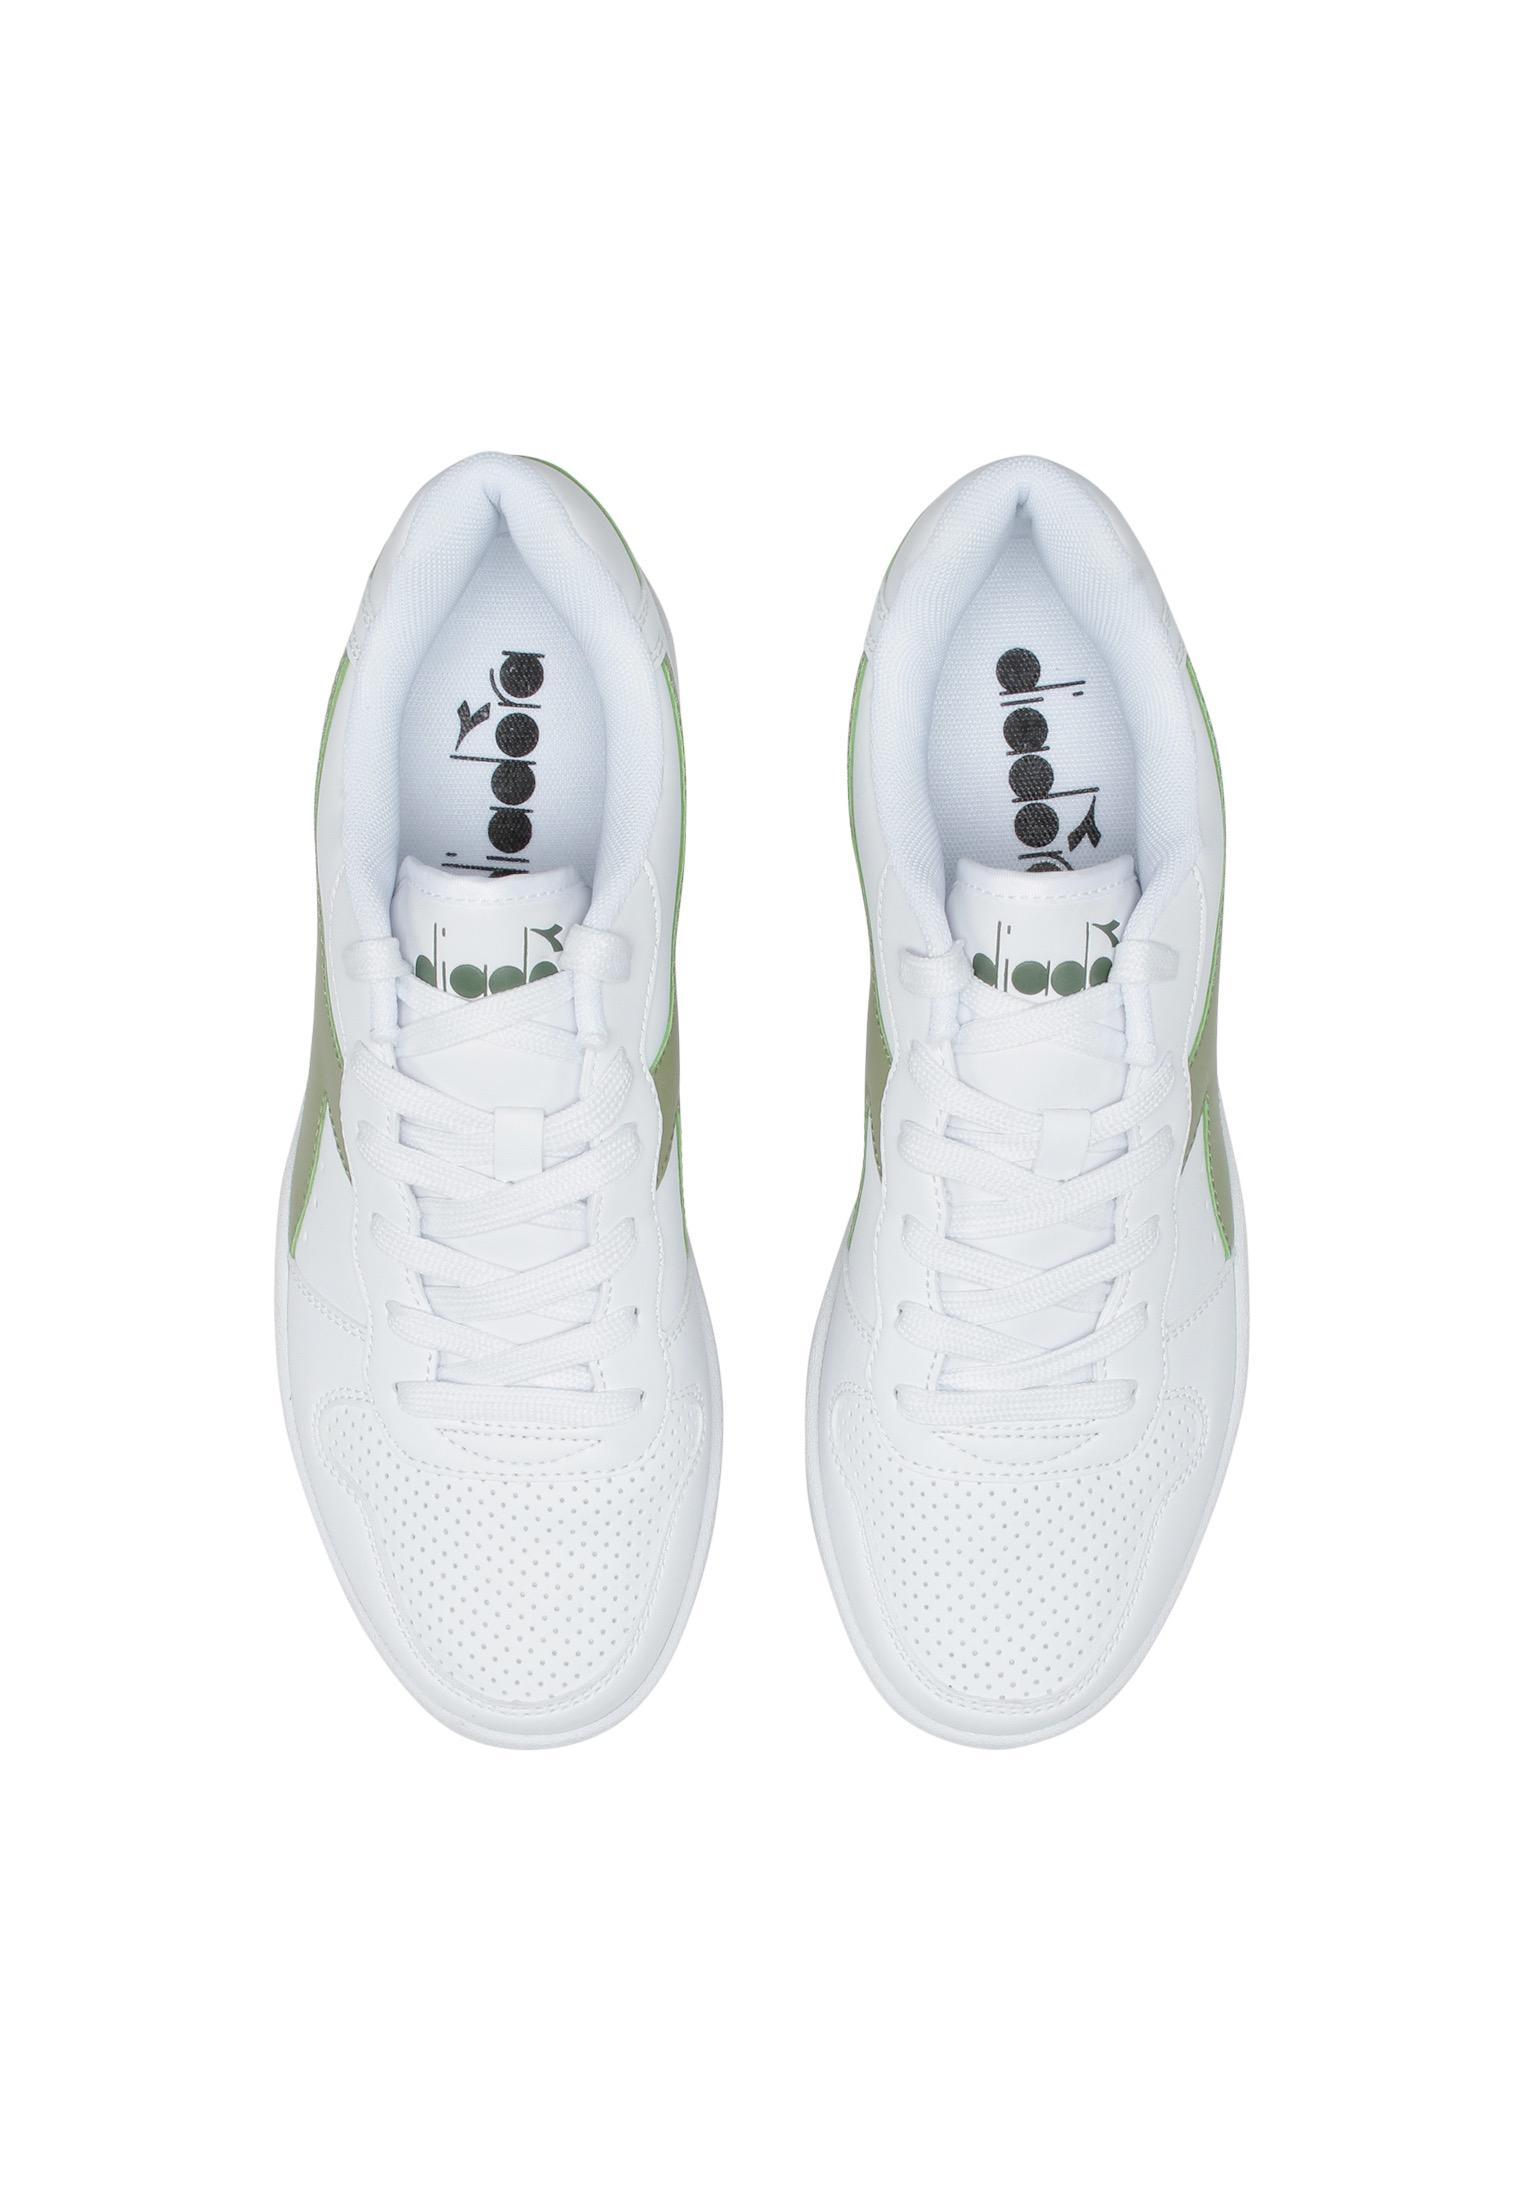 Scarpe-Diadora-Playground-Sneakers-sportive-uomo-donna-vari-colori-piu-taglie miniatura 36